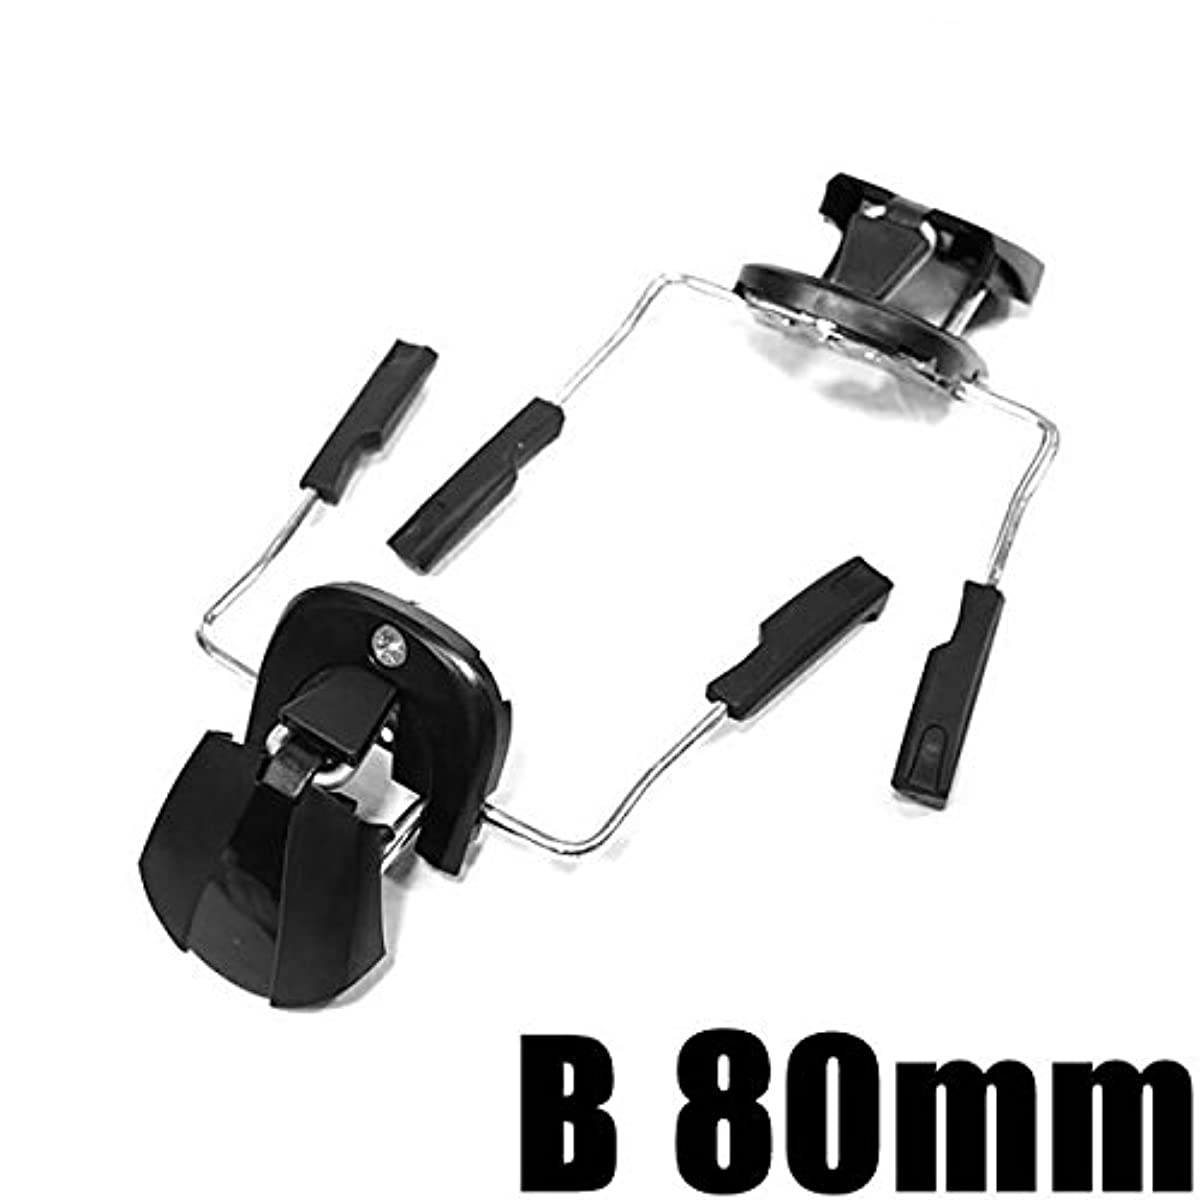 [해외] SALOMON살로몬 스키 빈딩 B80MM 브레이크 B형 살로몬 빈딩 전용